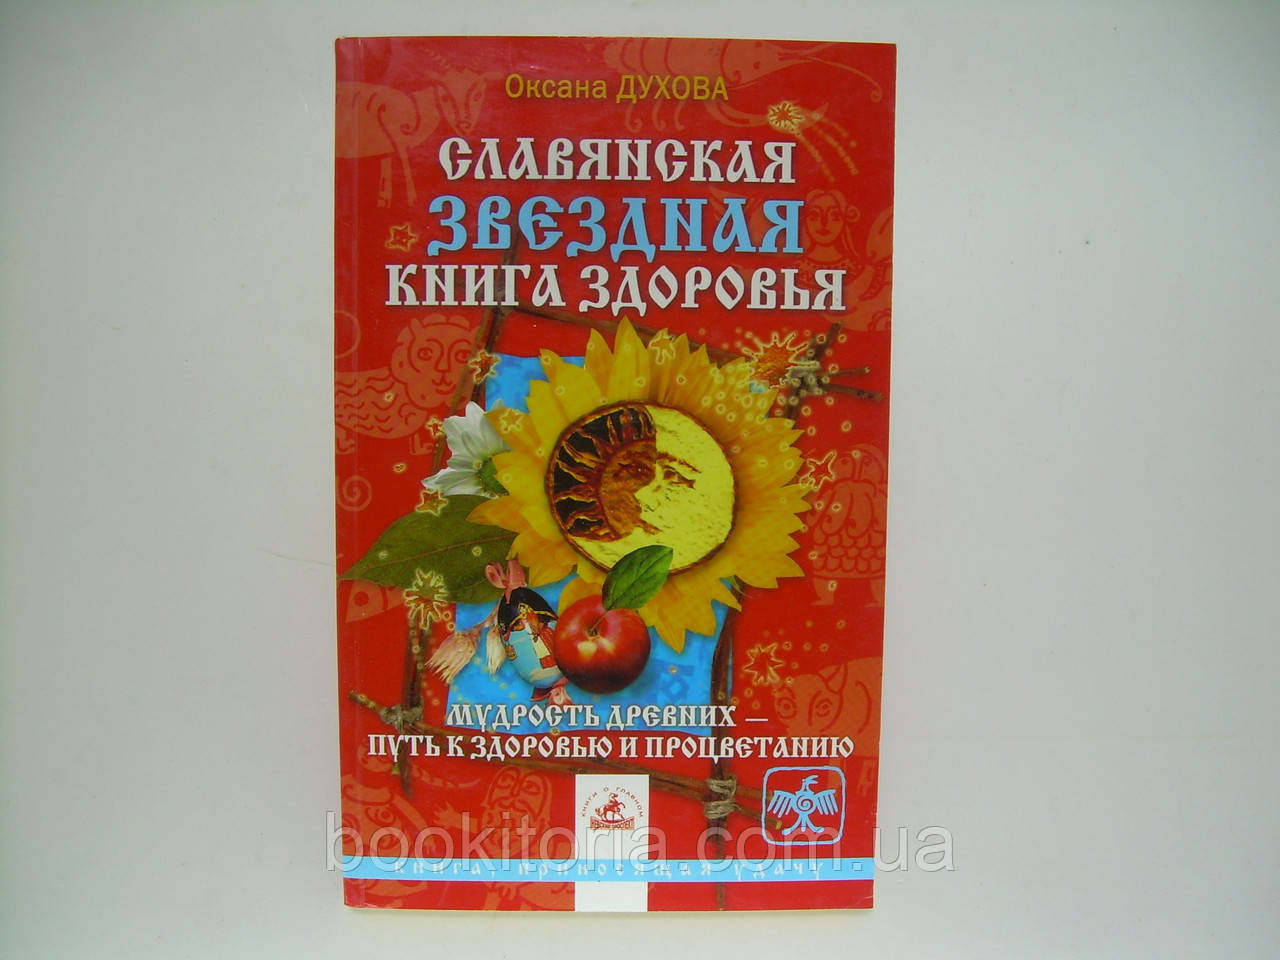 Духова О. Славянская звездная книга здоровья (б/у).